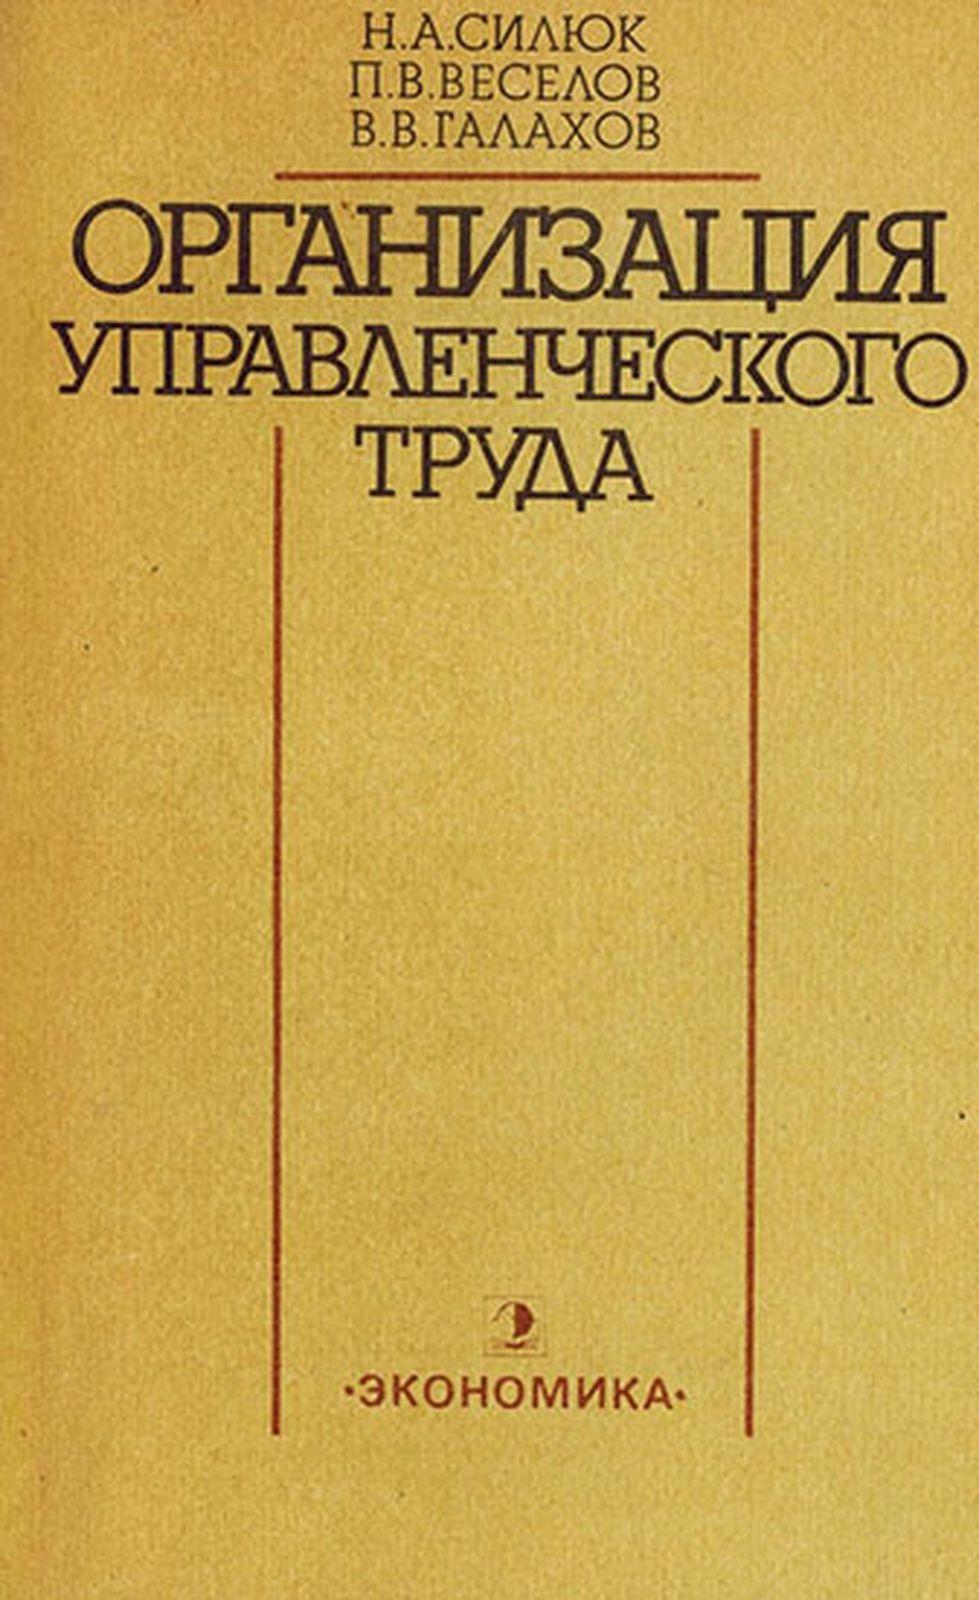 Силюк Н.А., Веселов П.В., Галахов В.В. Организация управленческого труда